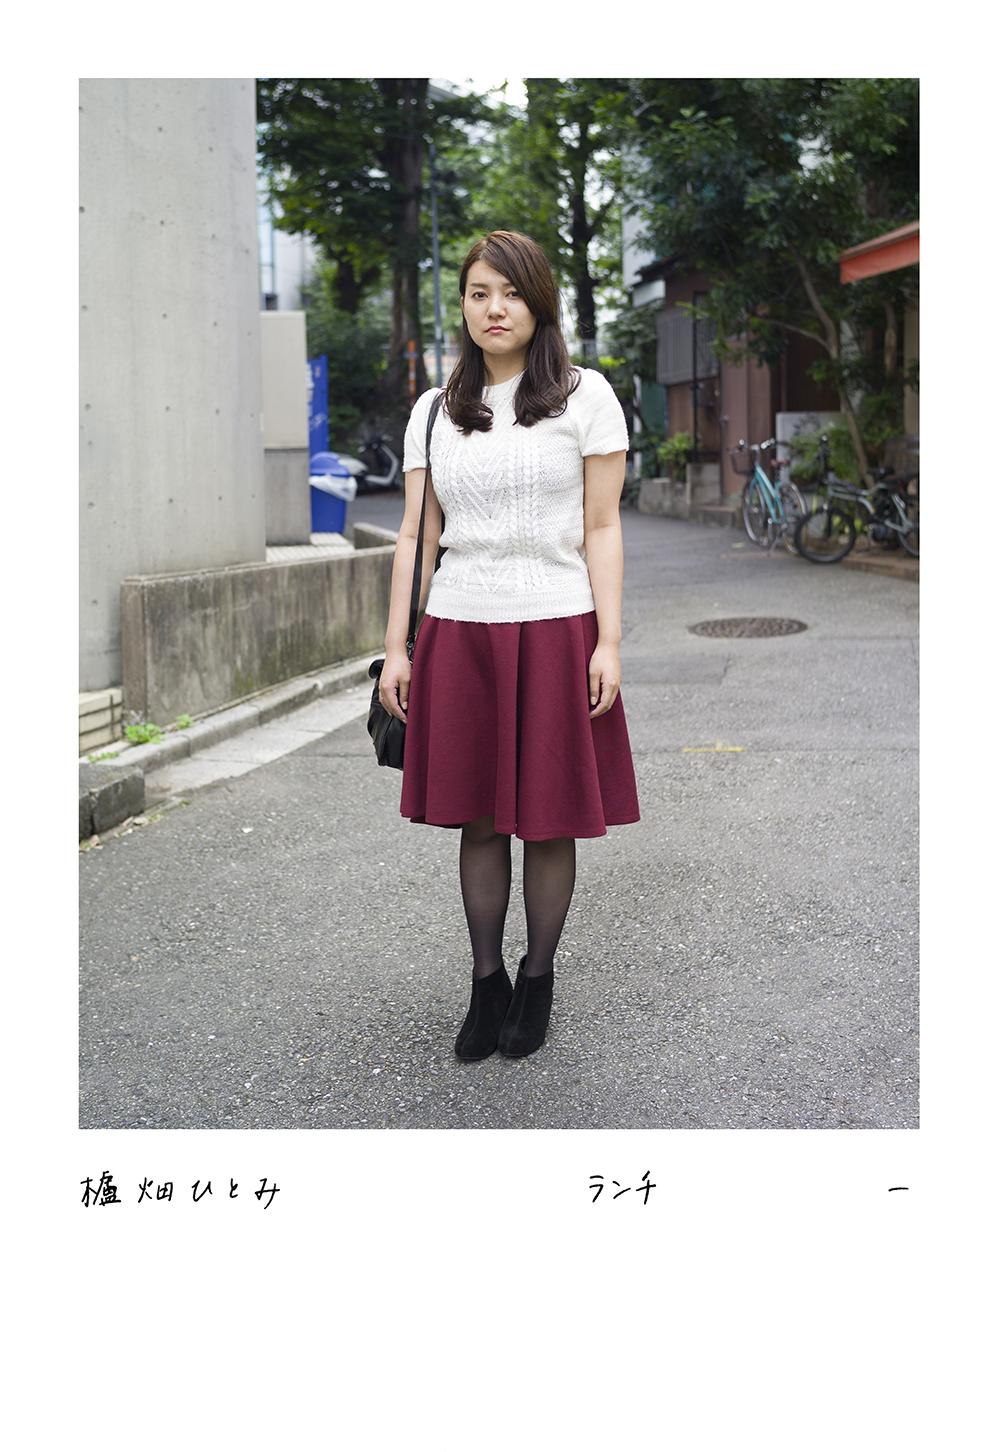 Image 9 / 10